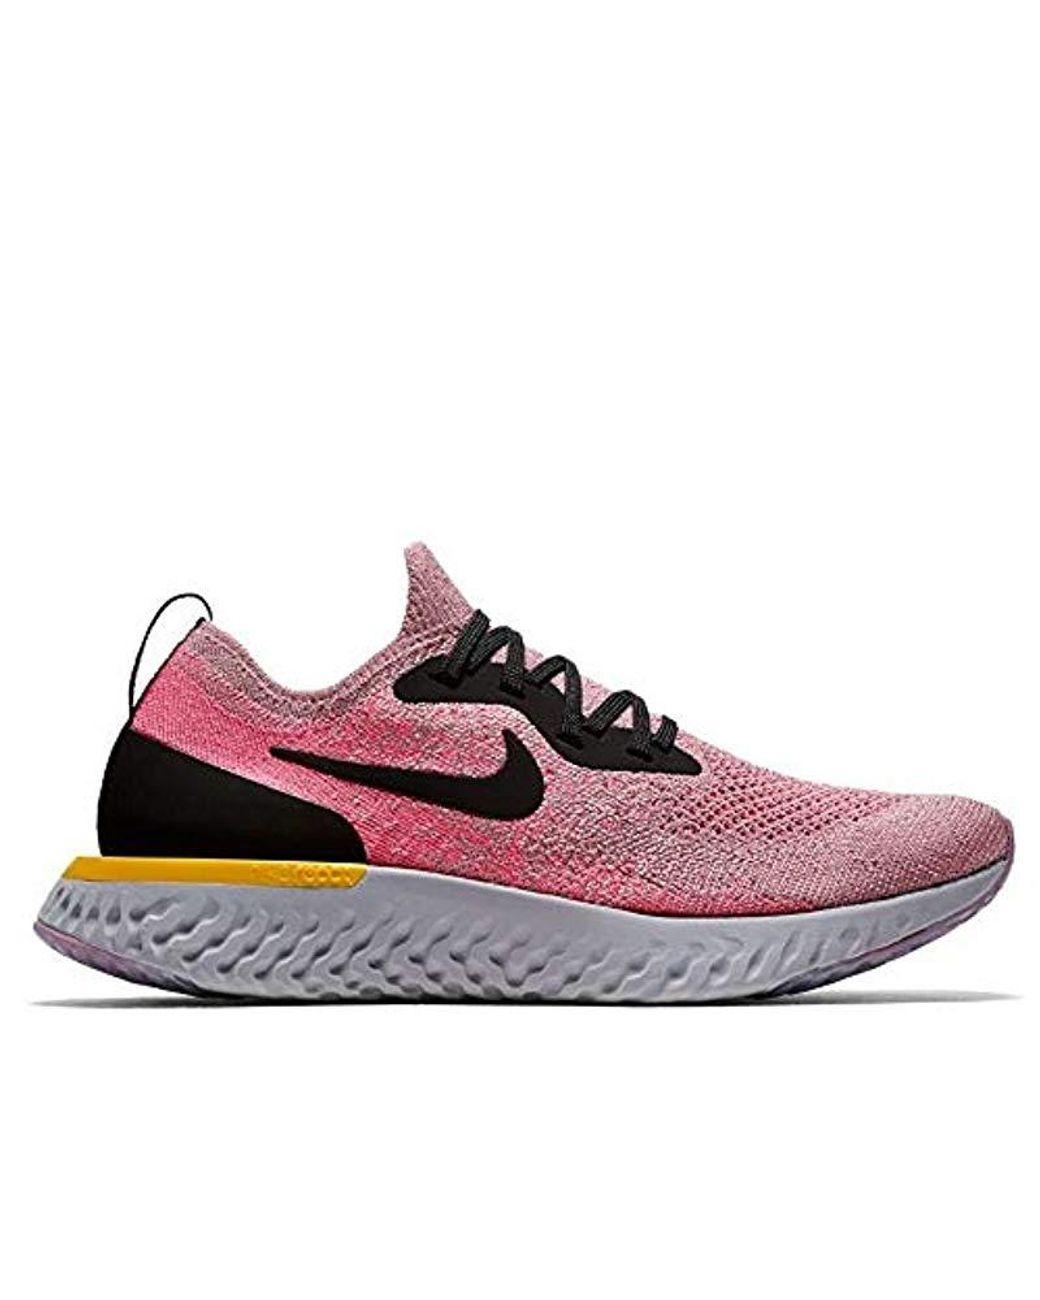 Nike AQ0070 600 Damen Nike Epic React Flyknit Laufenschuh